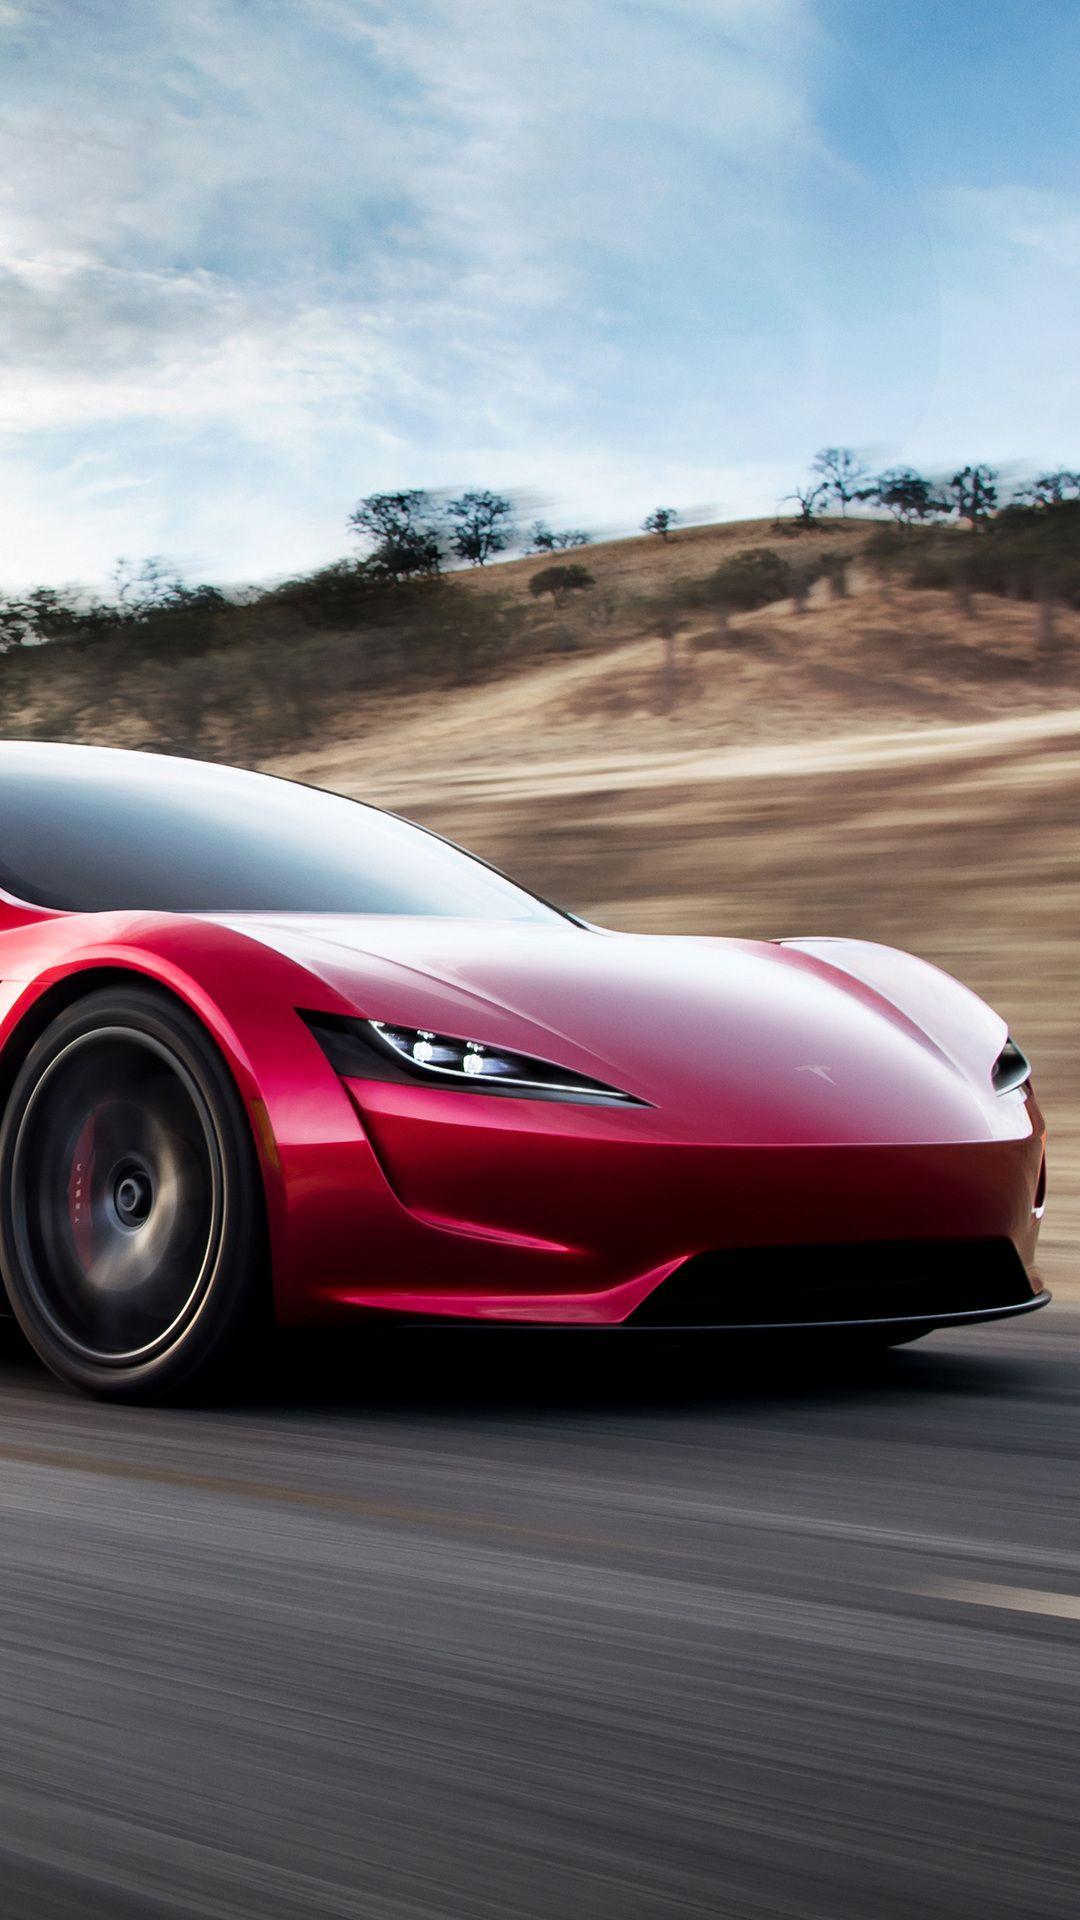 Tesla Roadster Tesla Roadster Hd Wallpaper Wallpaper